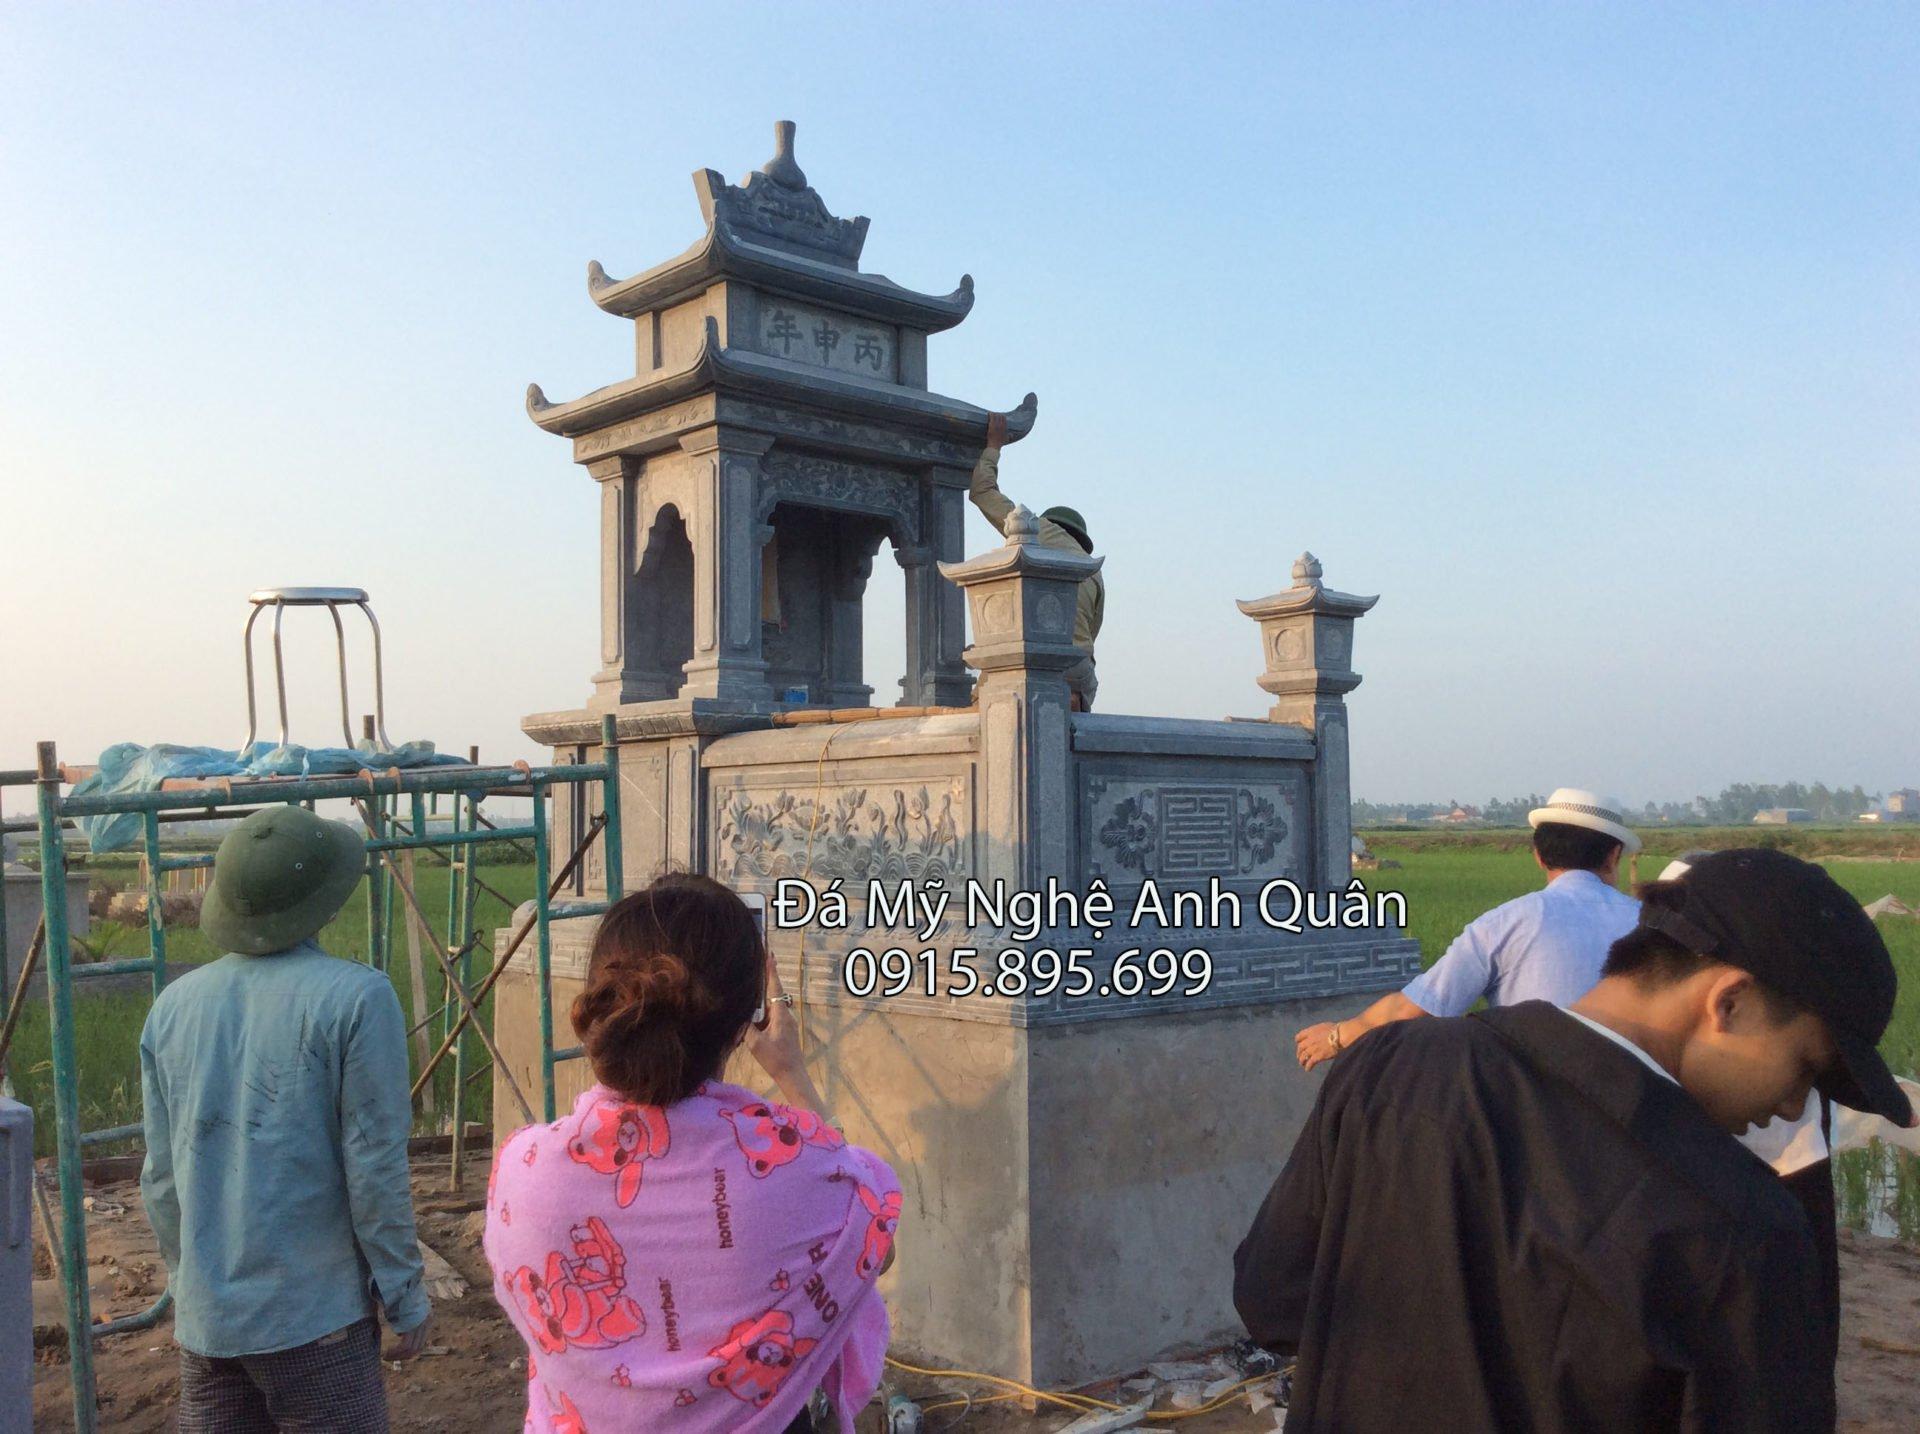 Lam Mo da - Dieu khac mo da tai Ninh Binh